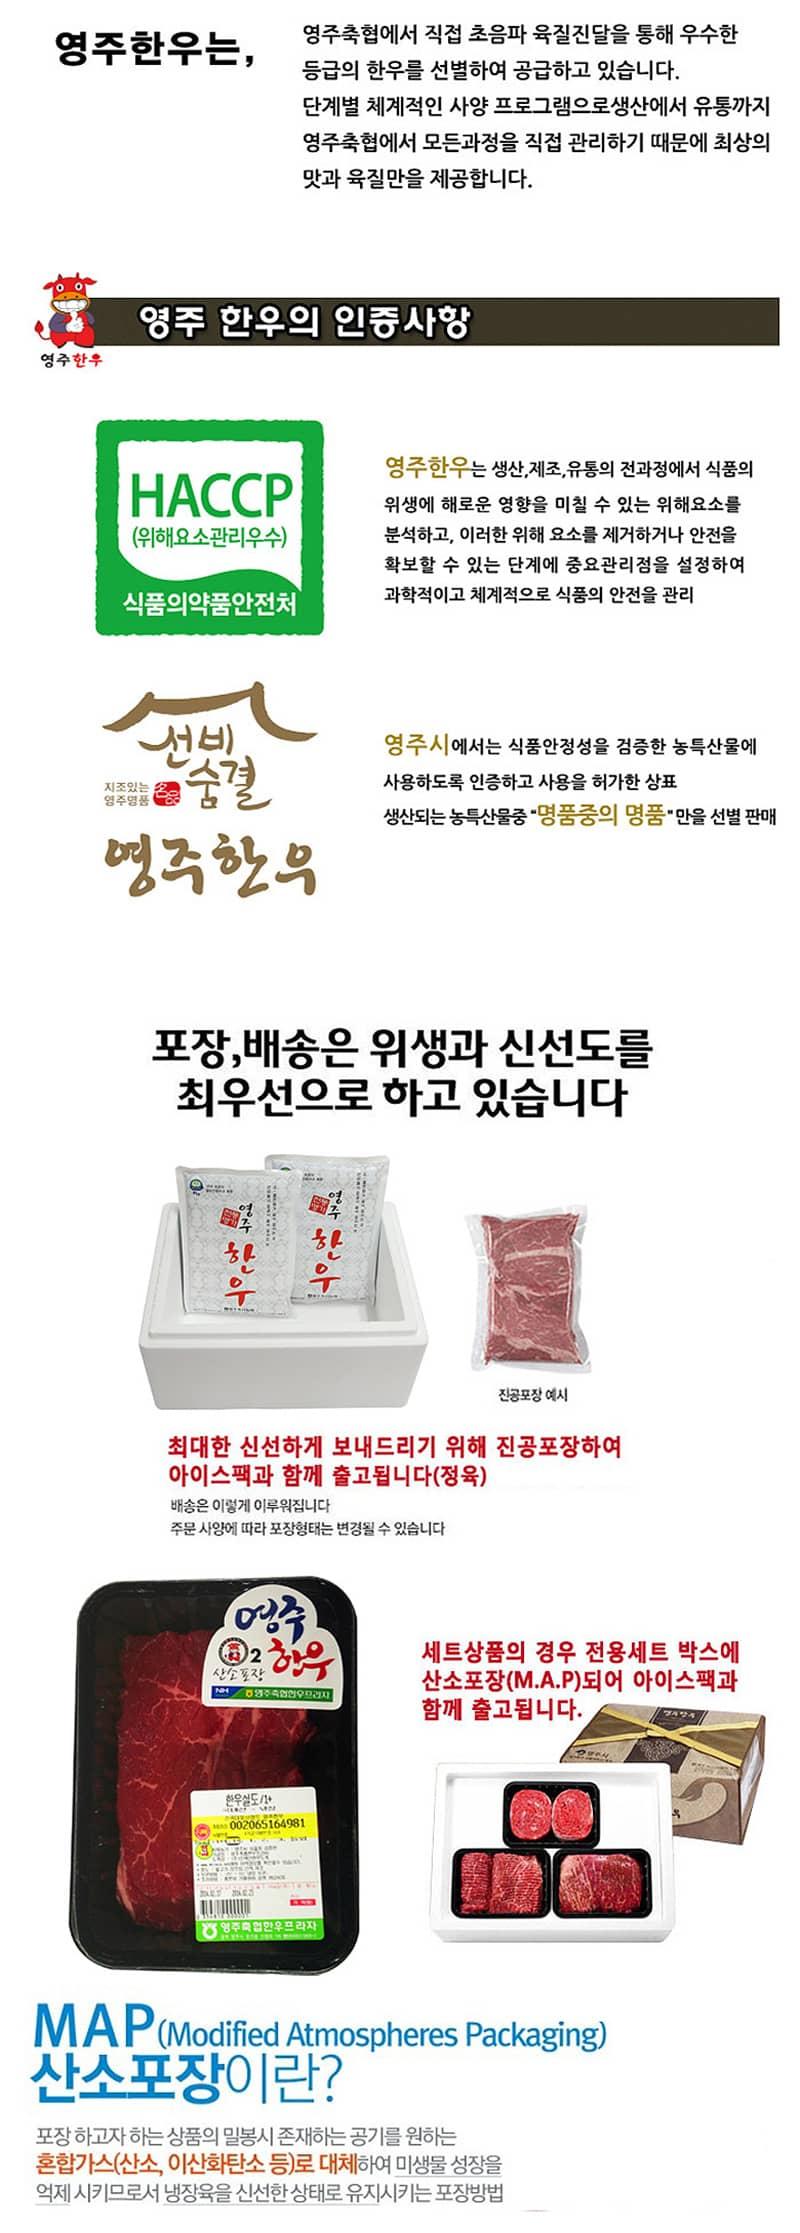 yeongjuchughyeob-yeongju_hanu_teugseon_4ho_detail_800_6.jpg